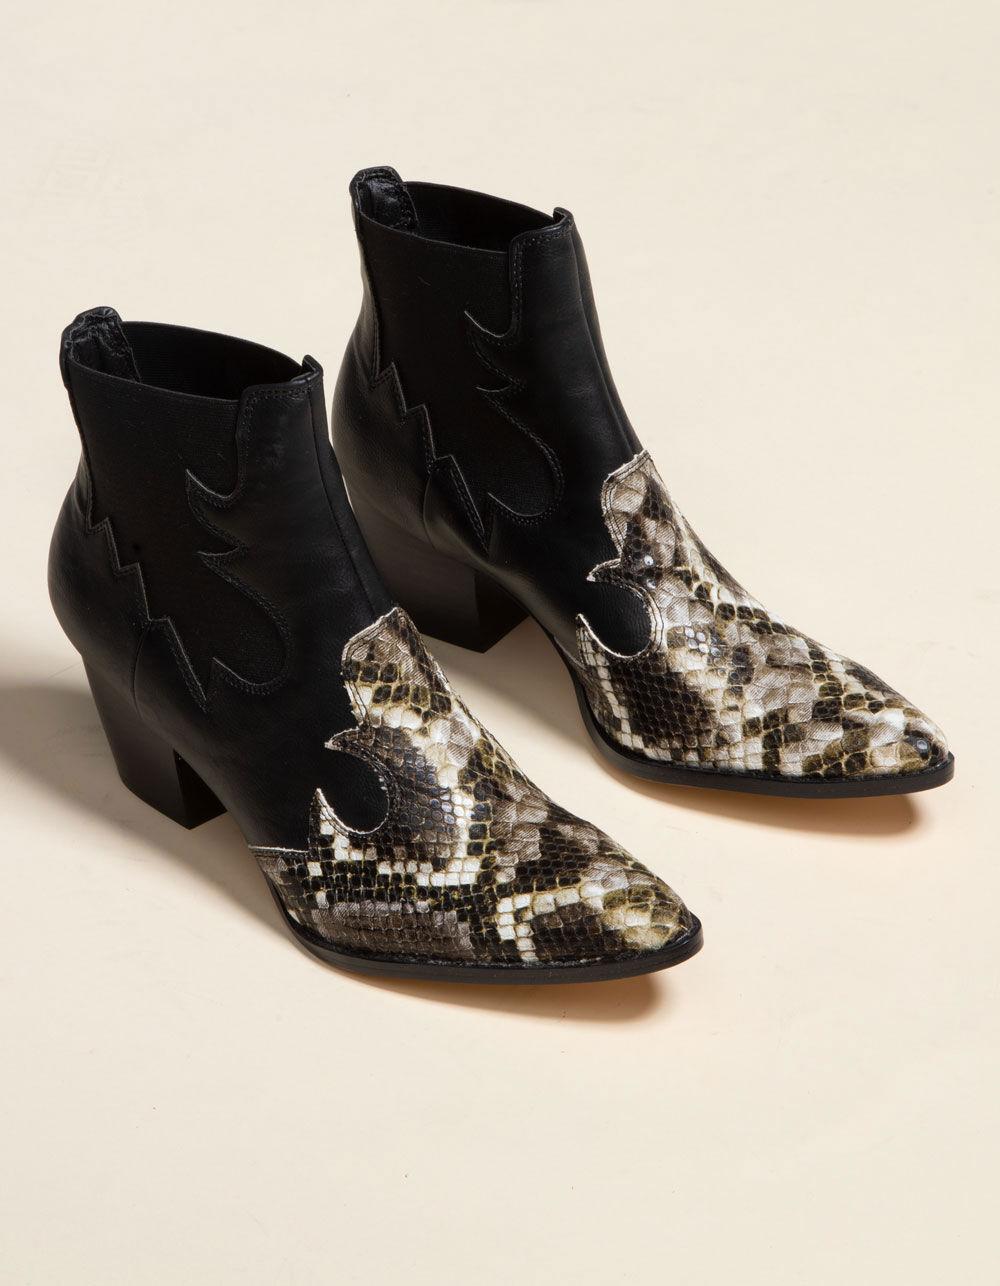 COCONUTS Western Toe Black Booties